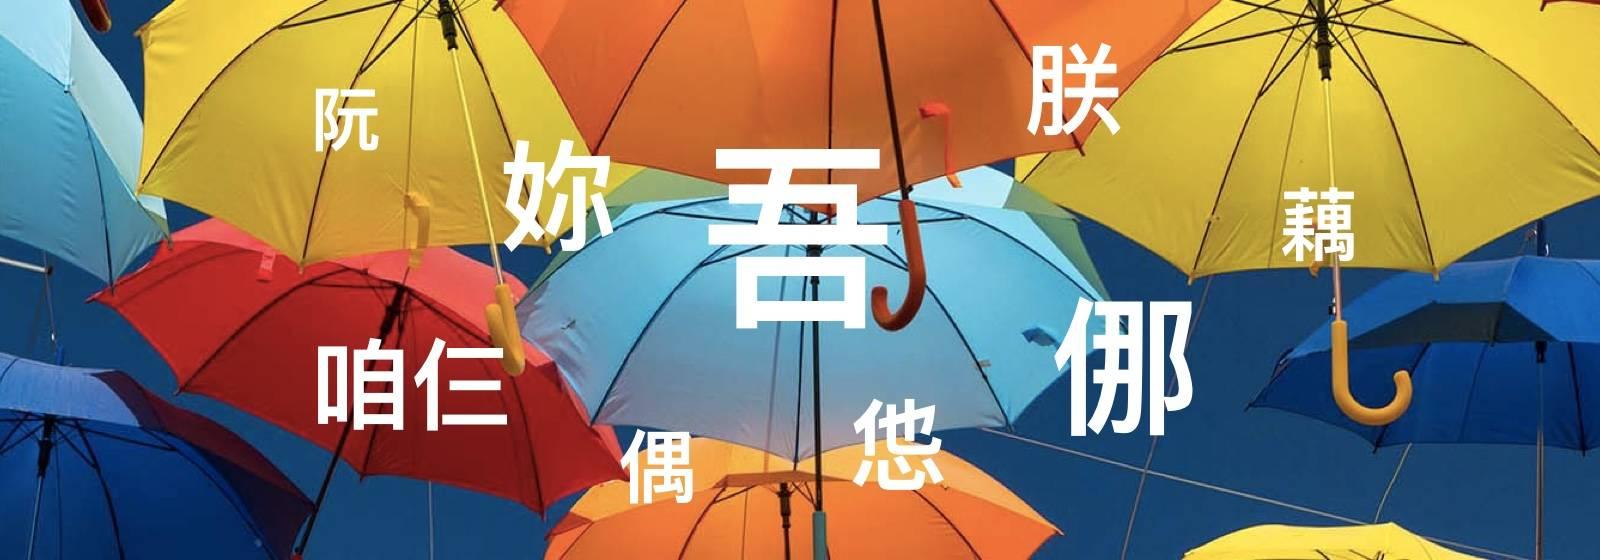 Китайский язык (путунхуа и языки-диалекты)